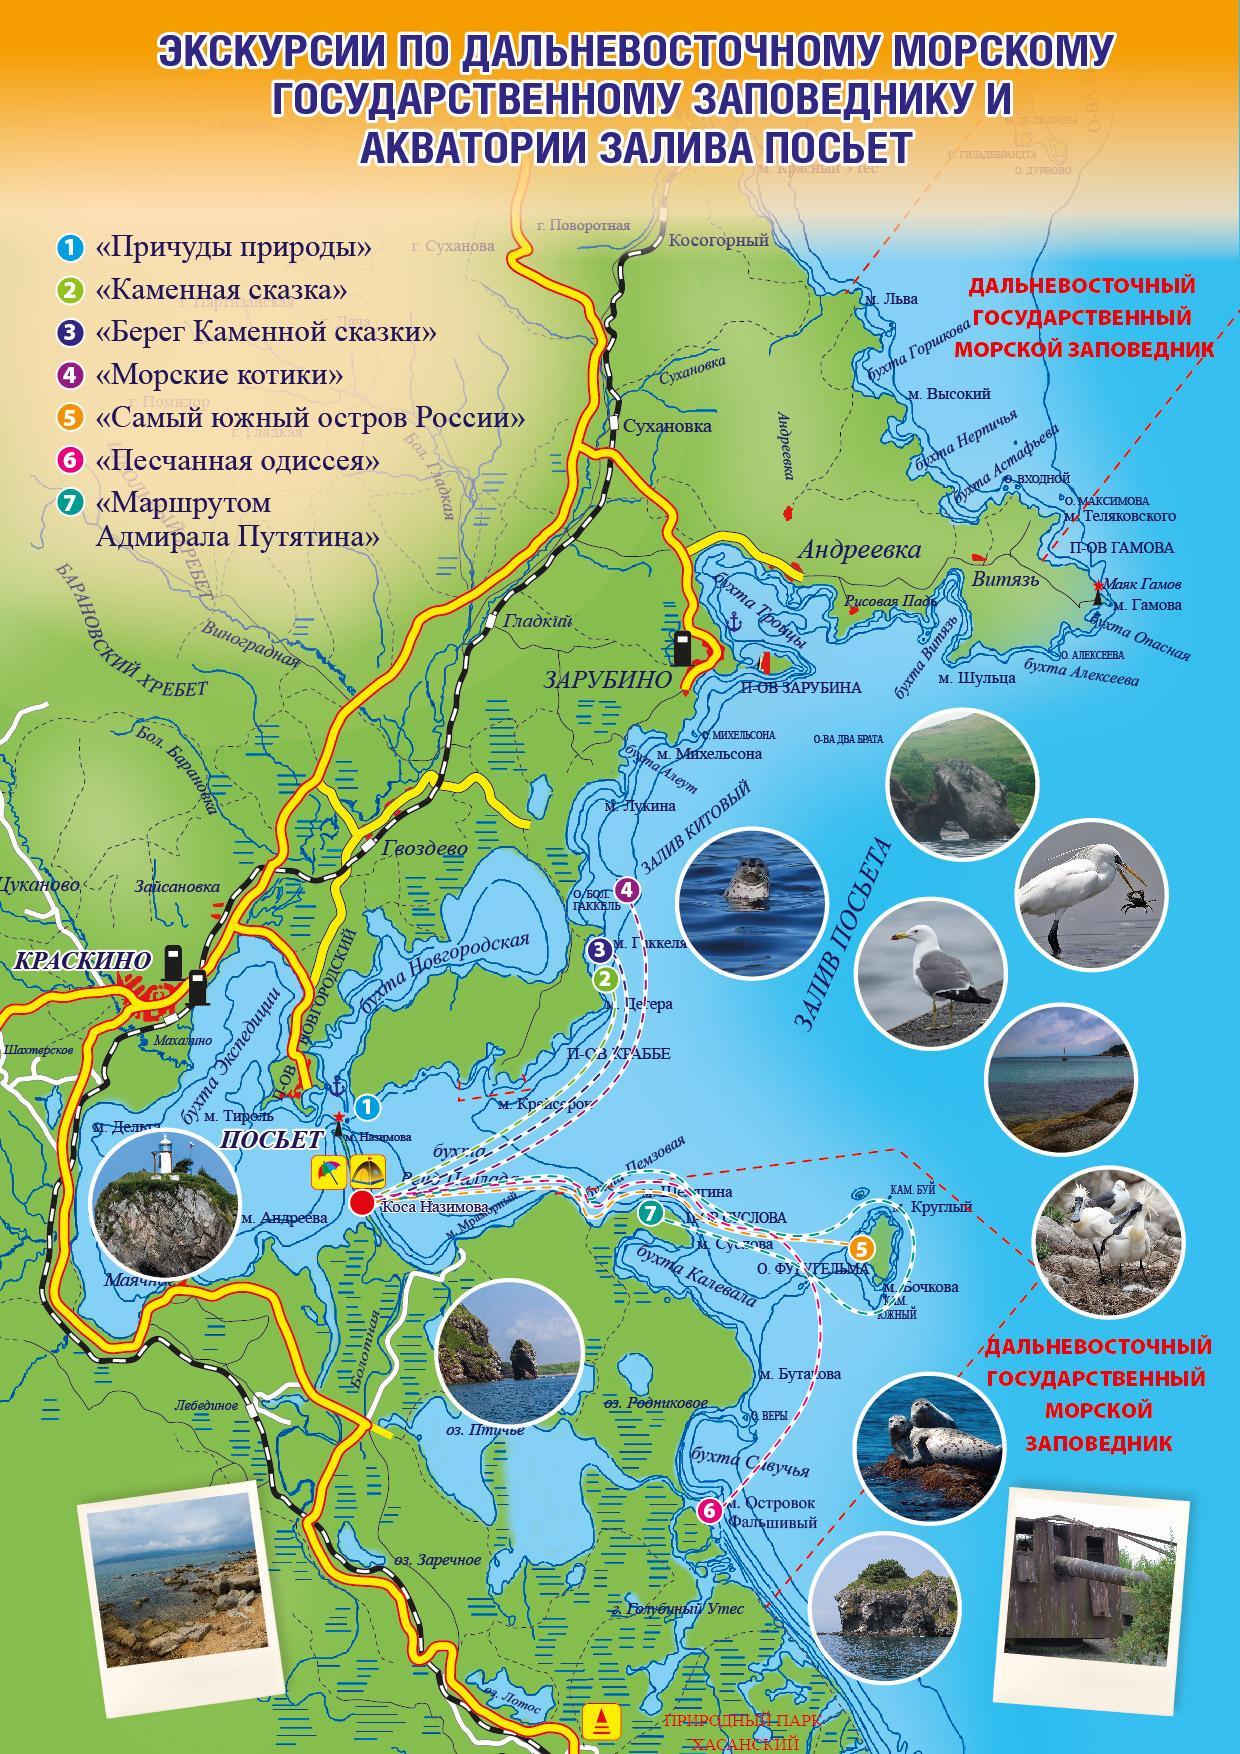 Путешествие на самый южный остров России – о.Фуругельма и мыс Островок Фальшивый, Путешественник